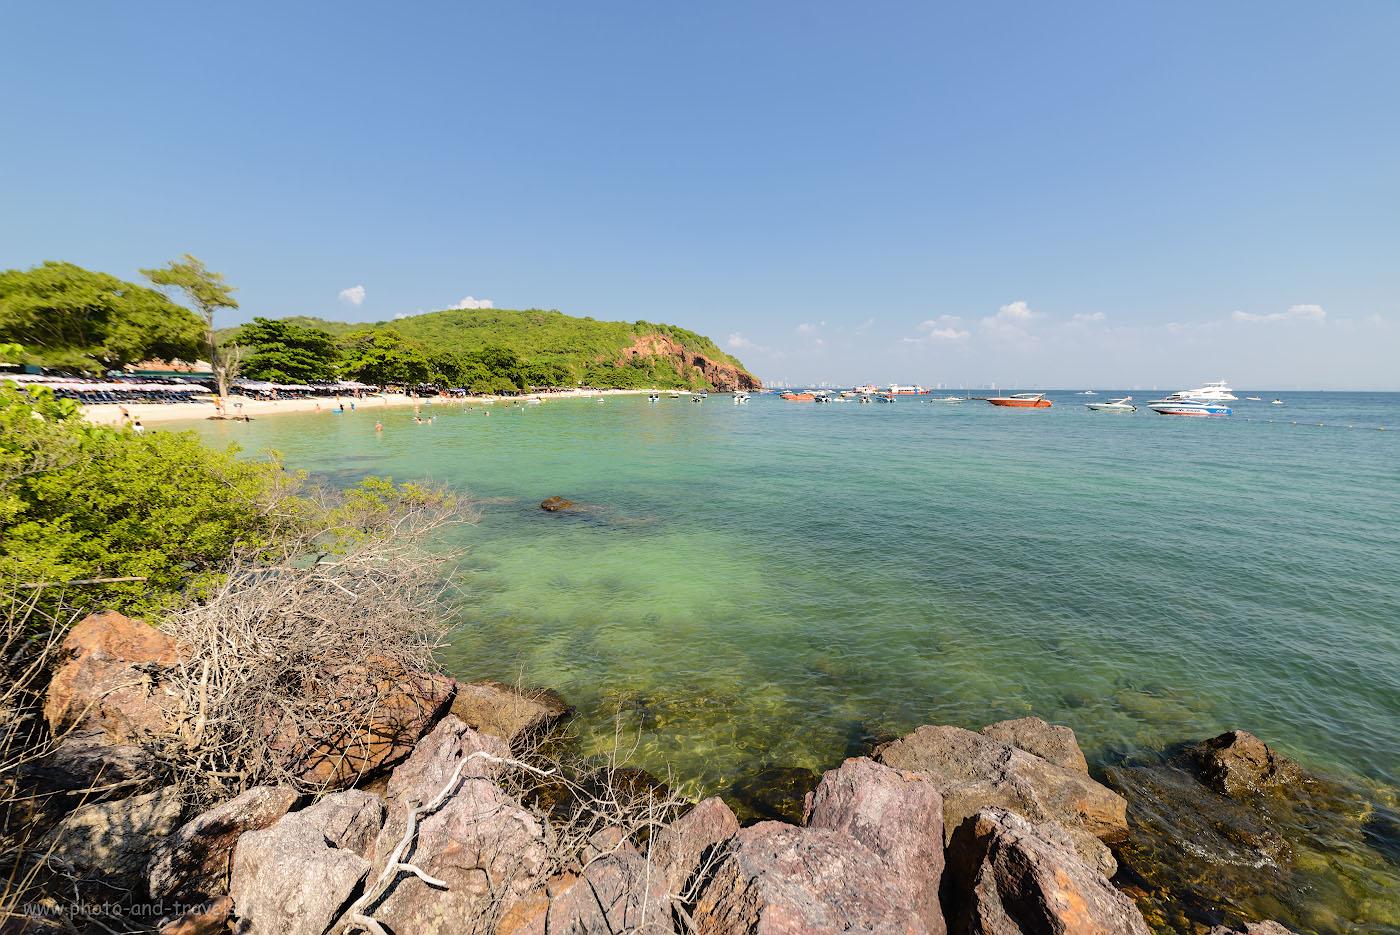 Фото 22. После активного отдыха в Китае наступили дни релаксации в Таиланде. Вид на пляж Нуал (Nual beach или Monkey beach) на острове Ко Лан. Фотоаппарат Nikon D610 с объективом Samyang 14mm f/2.8. Настройки: 1/400, -0.33, 5.6, 100, 14.